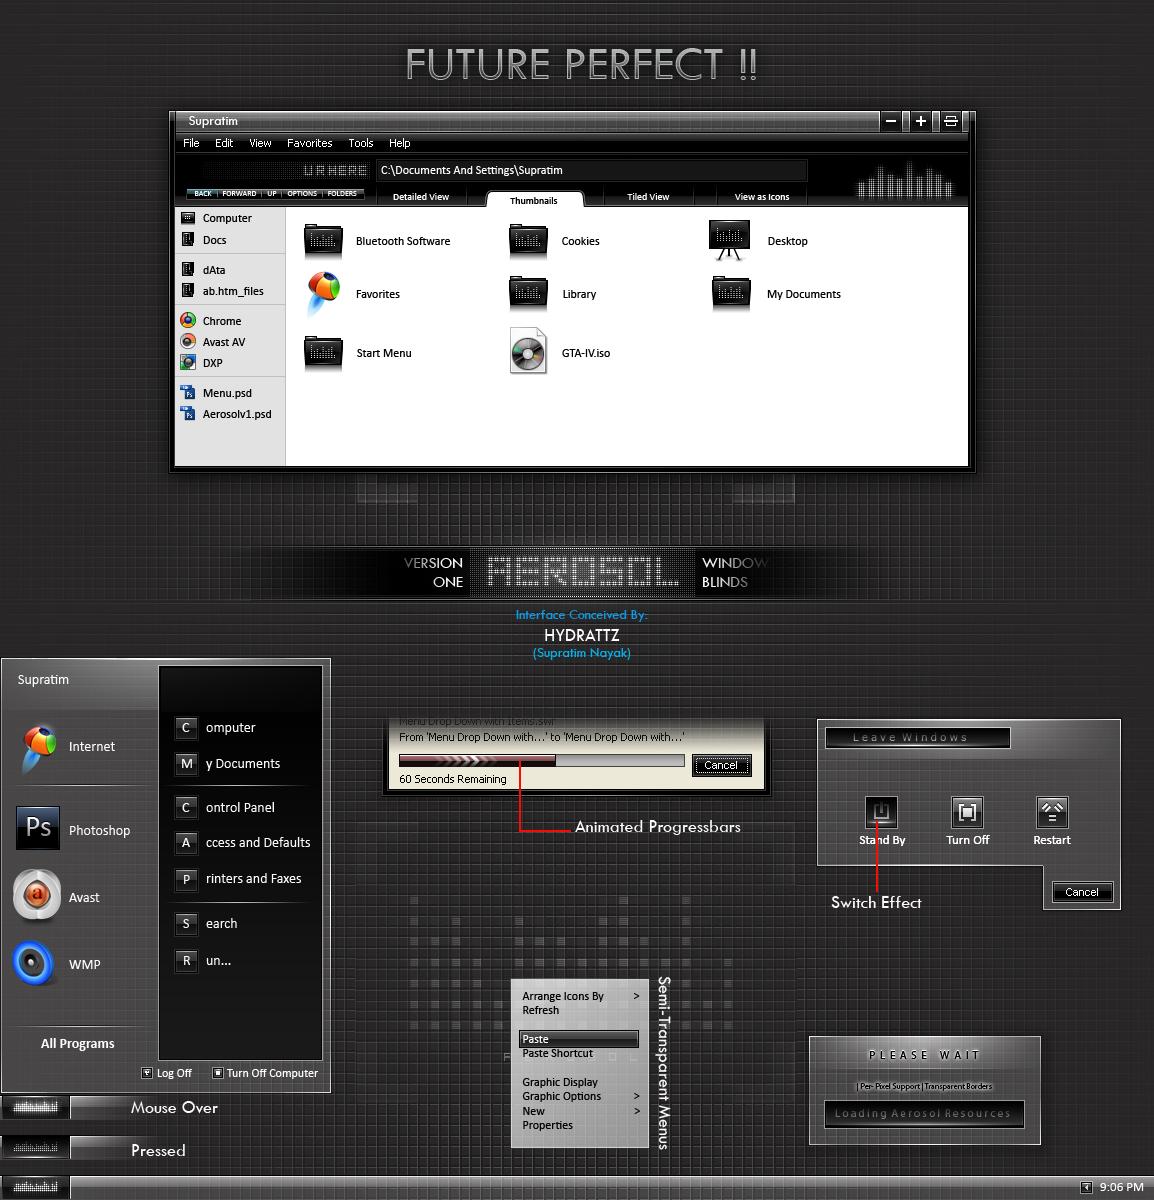 AEROSOL v1.01 by HYDRATTZ